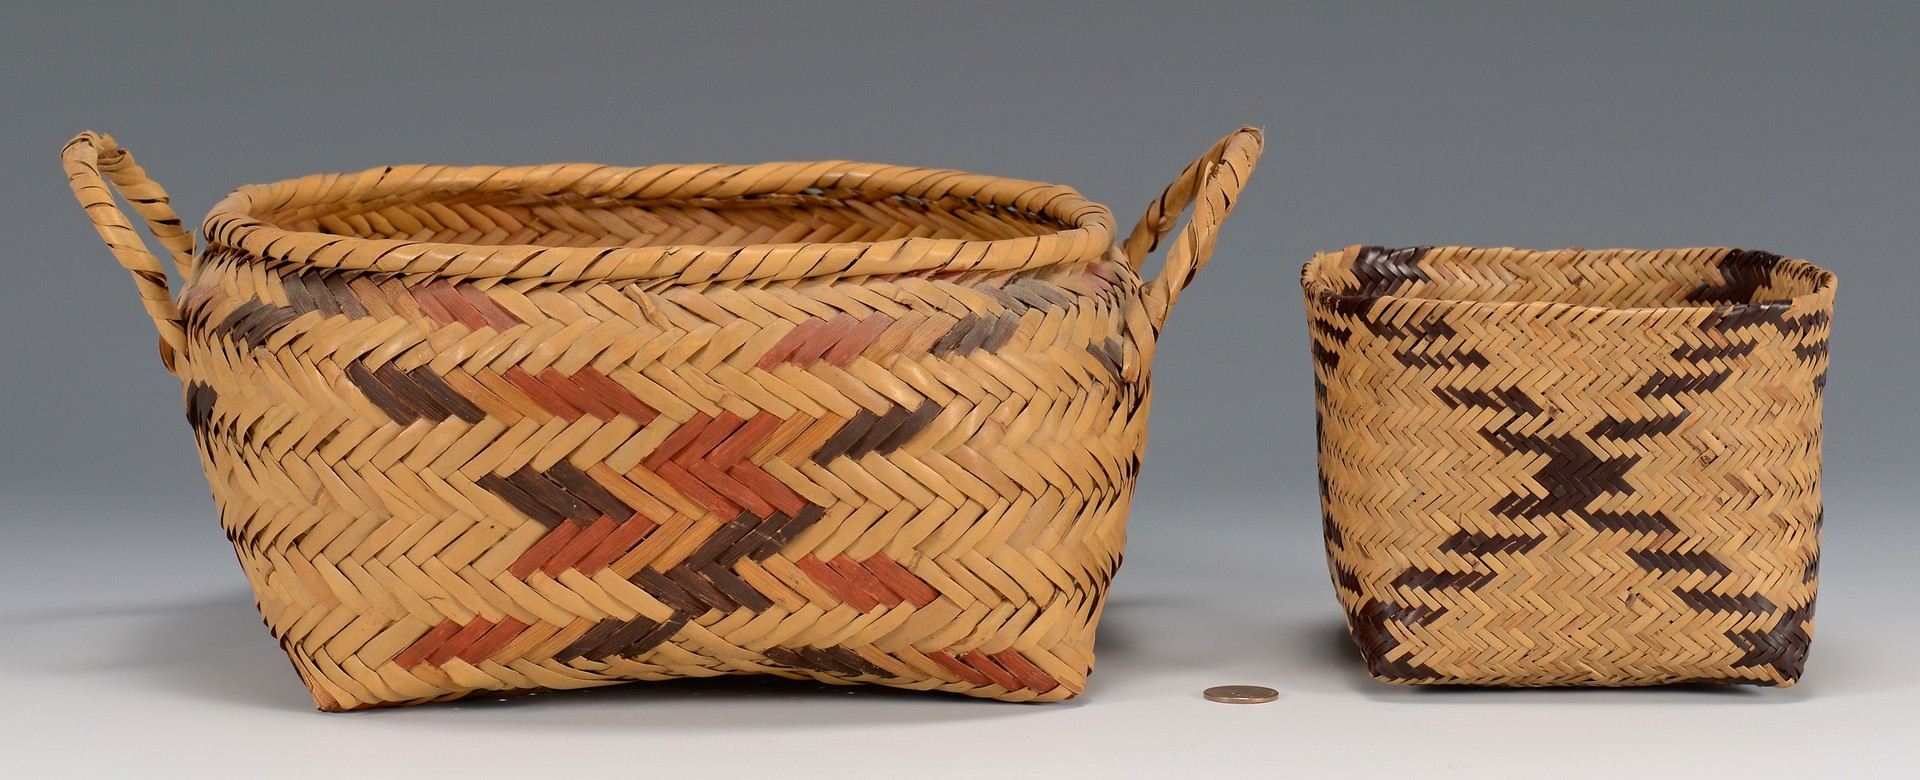 Lot 777: 2 Native American Baskets, Choctaw & Chitimacha